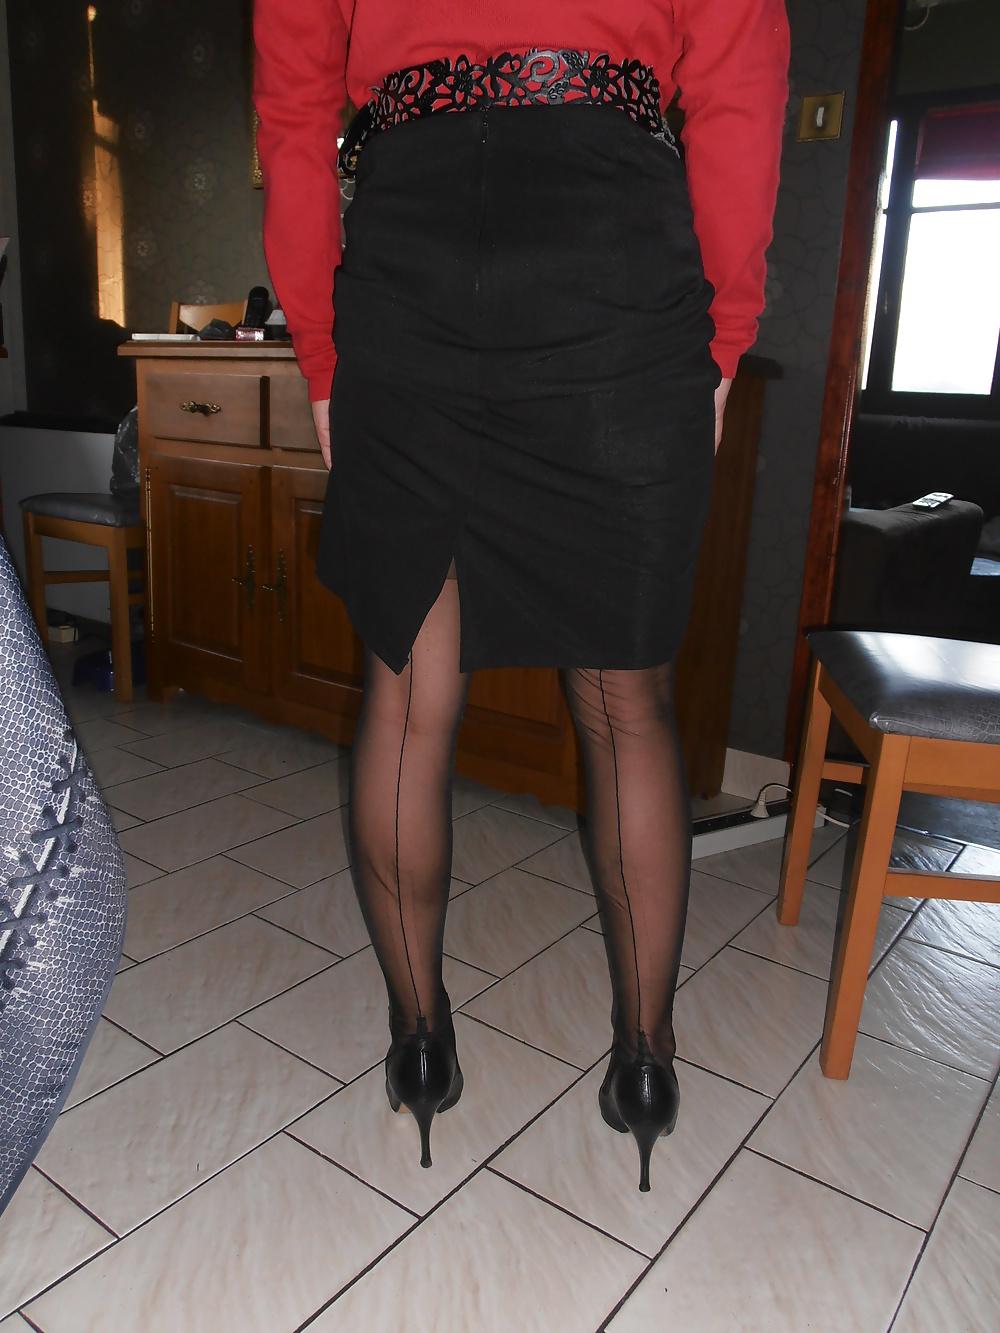 Ψηλή και έκφυλη ξανθιά MiLf, ποζάρει με ψηλοτάκουνες γόβες και ζαρτιέρες! 12